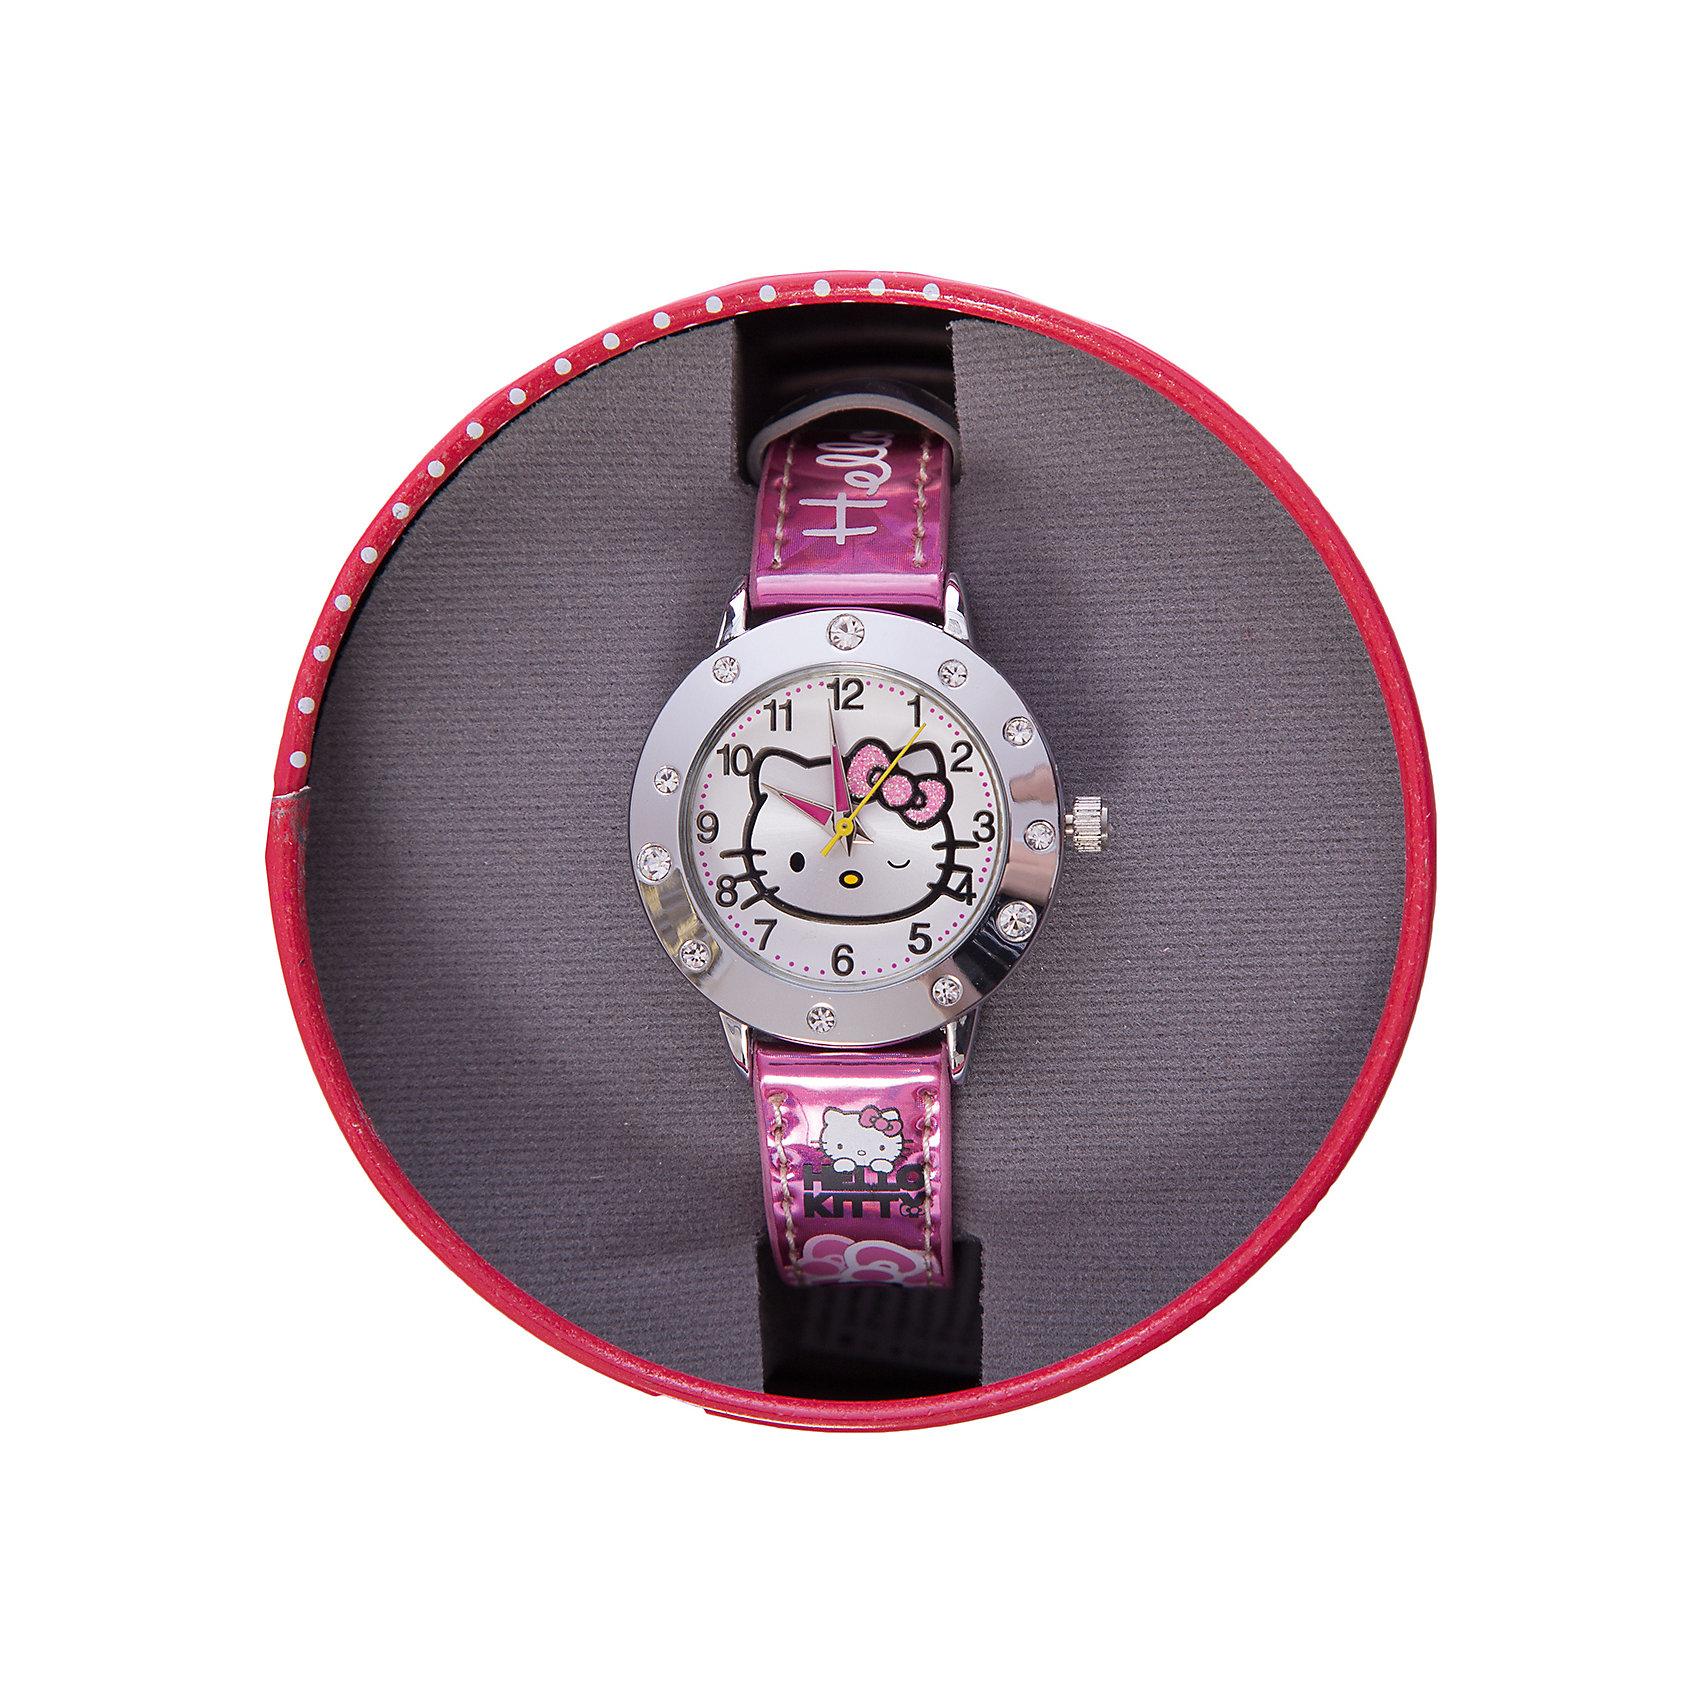 Часы наручные аналоговые, Hello KittyHello Kitty<br>Эксклюзивные наручные аналоговые часы торговой марки Hello Kitty выполнены по индивидуальному дизайну ООО «Детское Время» и лицензии компании Sanrio. Обилие деталей - декоративных элементов (страз, мерцающих ремешков), надписей,  уникальных изображений - делают изделие тщательно продуманным творением мастеров. Часы имеют высококачественный японский кварцевый механизм и отличаются надежностью и точностью хода. Часы водоустойчивы и обладают достаточной герметичностью, чтобы спокойно перенести случайный и незначительный контакт с жидкостями (дождь, брызги), но они не предназначены для плавания или погружения в воду. Циферблат защищен от повреждений прочным минеральным стеклом. Корпус часов выполнен из стали,  задняя крышка из нержавеющей стали. Материал браслета: искусственная кожа. Единица товара упаковывается в стильную подарочную коробочку. Неповторимый стиль с изобилием насыщенных и в тоже время нежных гамм; надежность и прочность изделия позволяют говорить о нем только в превосходной степени!<br><br>Ширина мм: 55<br>Глубина мм: 10<br>Высота мм: 250<br>Вес г: 29<br>Возраст от месяцев: 36<br>Возраст до месяцев: 72<br>Пол: Женский<br>Возраст: Детский<br>SKU: 5529336